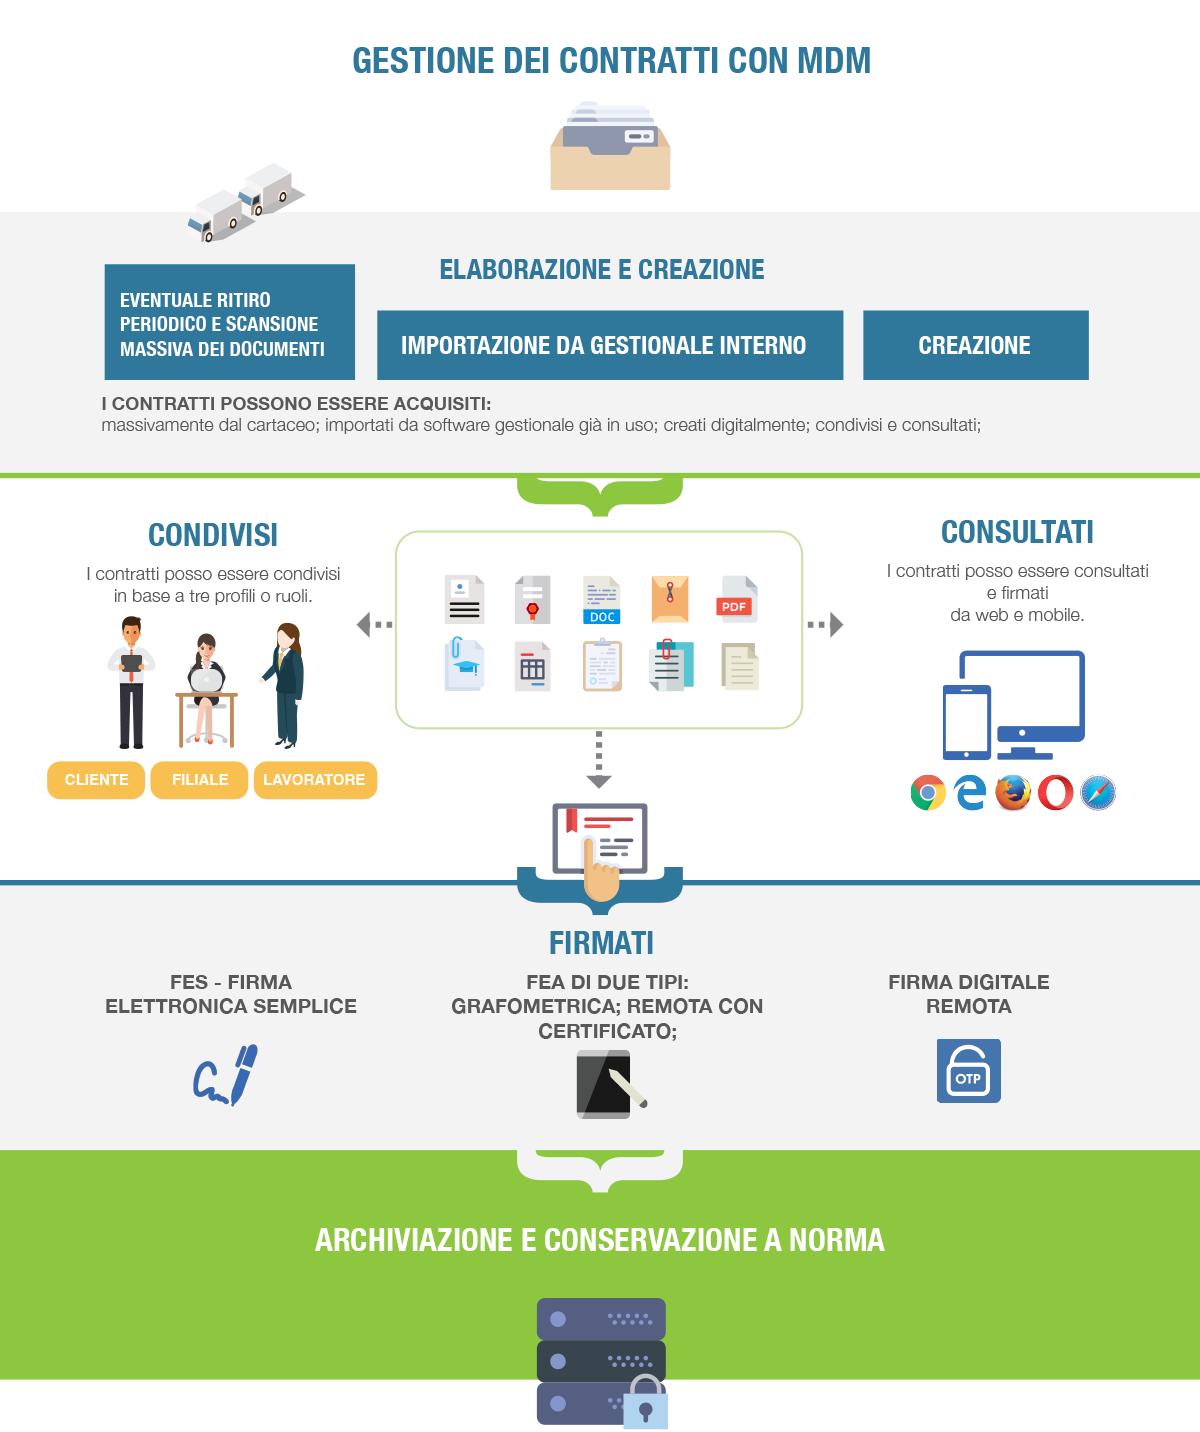 infografica_gestione_contratti_mdm